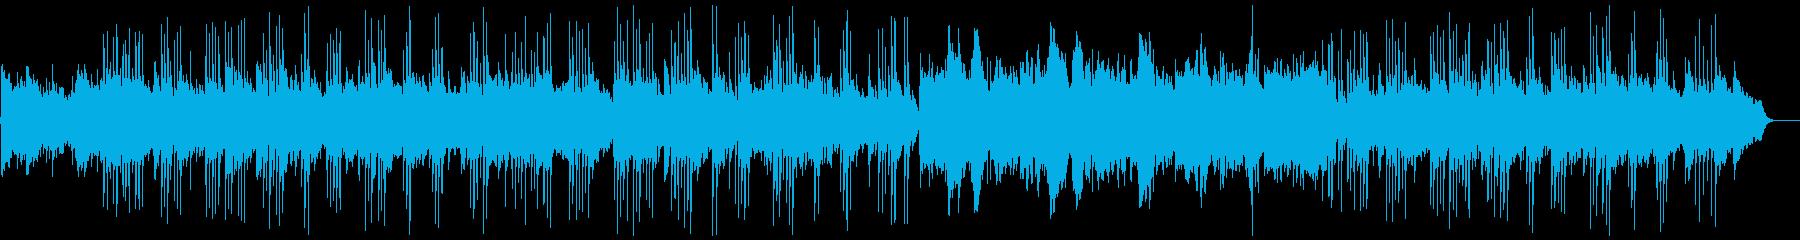 沖縄っぽいおだやかなBGMの再生済みの波形